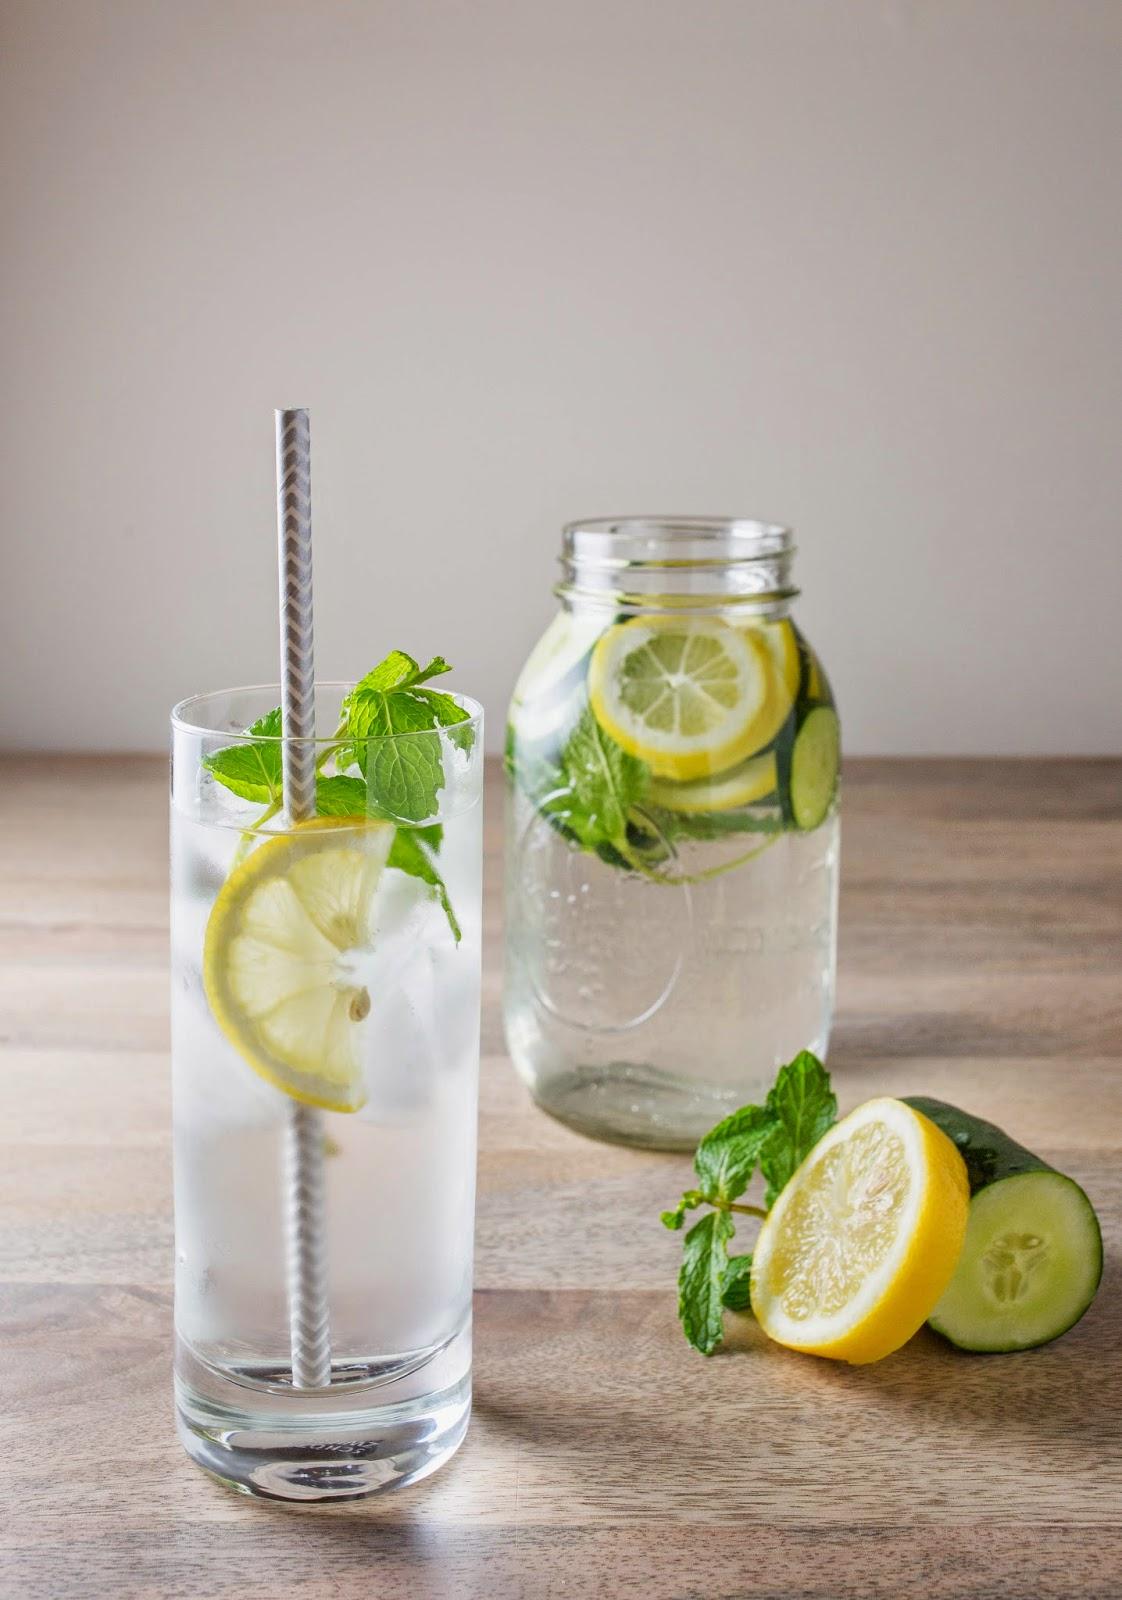 7 Buah yang Tidak Cocok Untuk Infused Water